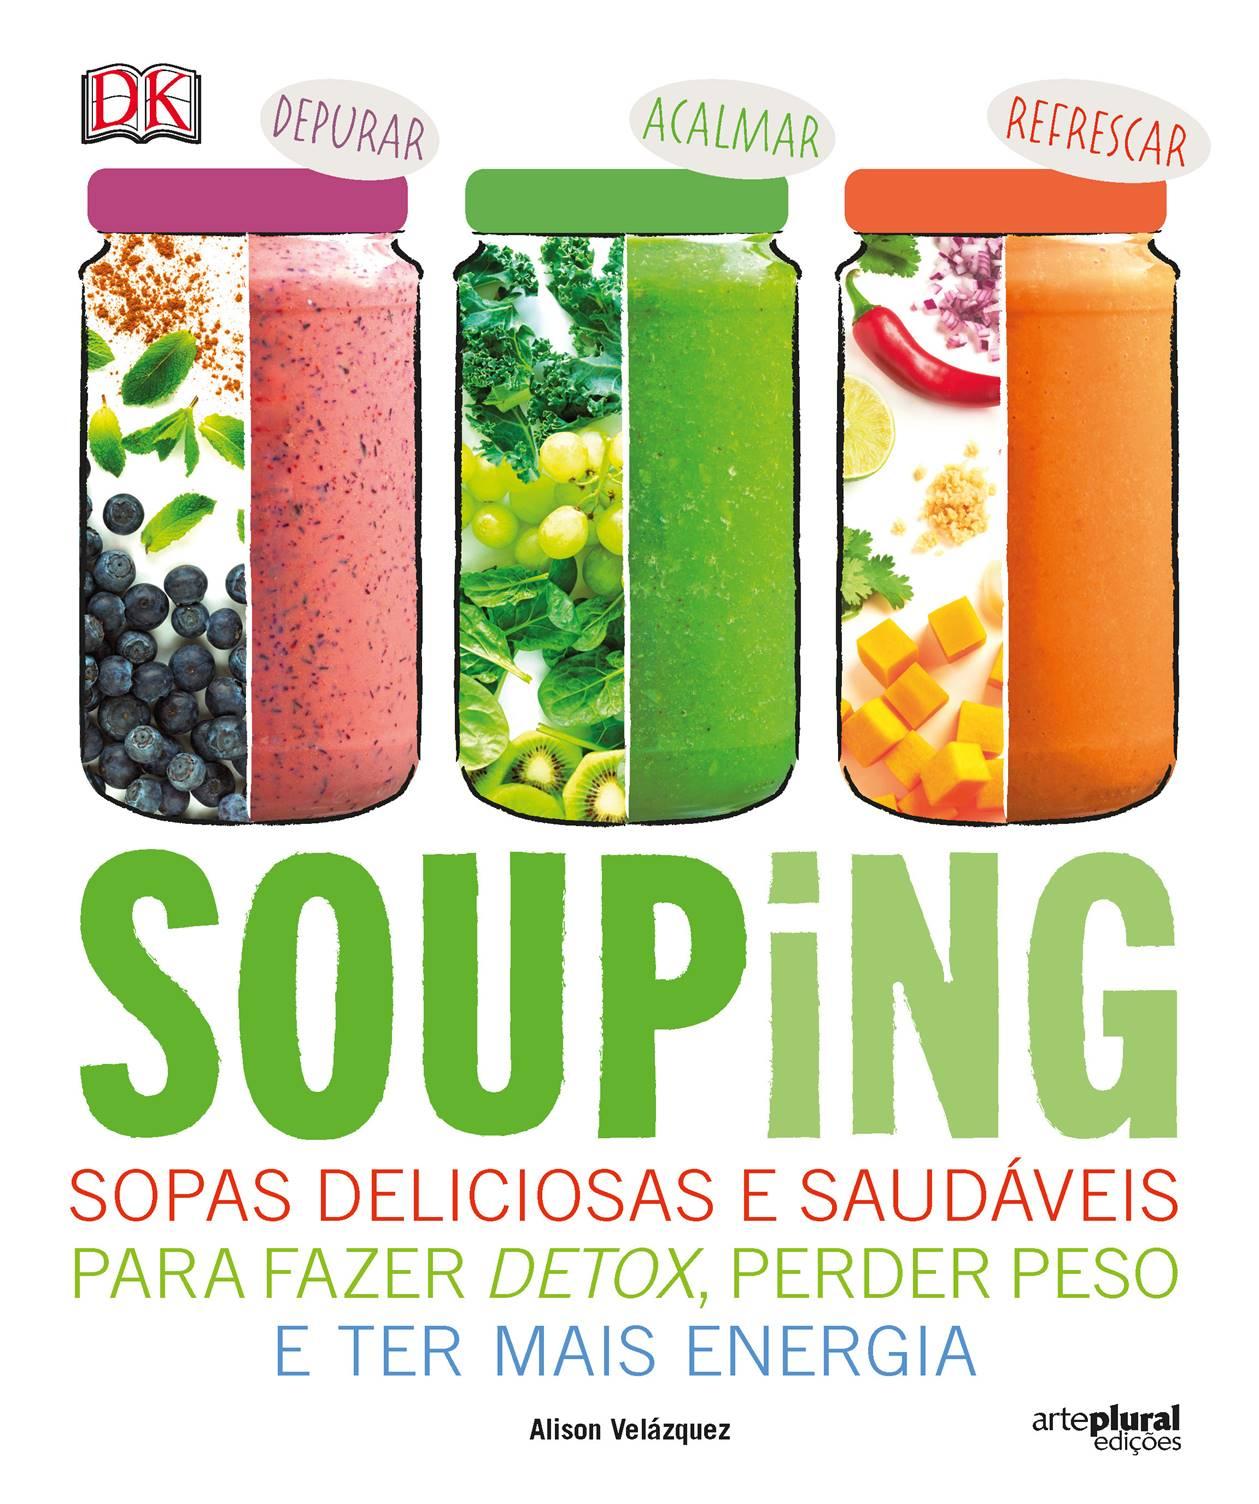 Souping – Divulgação